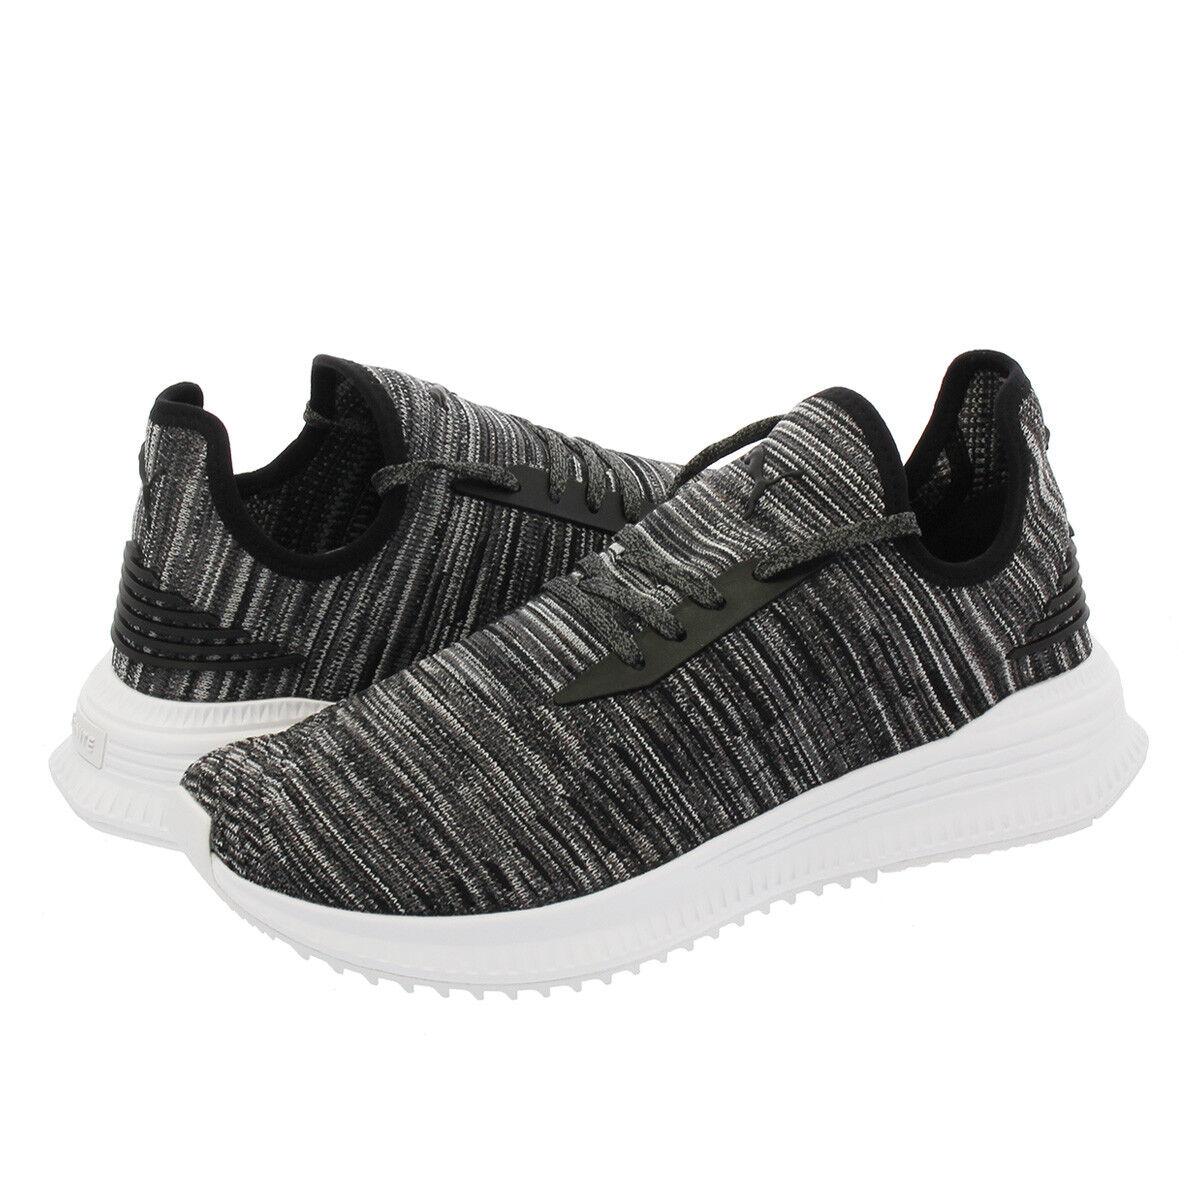 PUMA AVID EVOKNIT SU Lo Zapatillas Hombres Zapatos Negro silencio sombra 366434-04 Nuevo